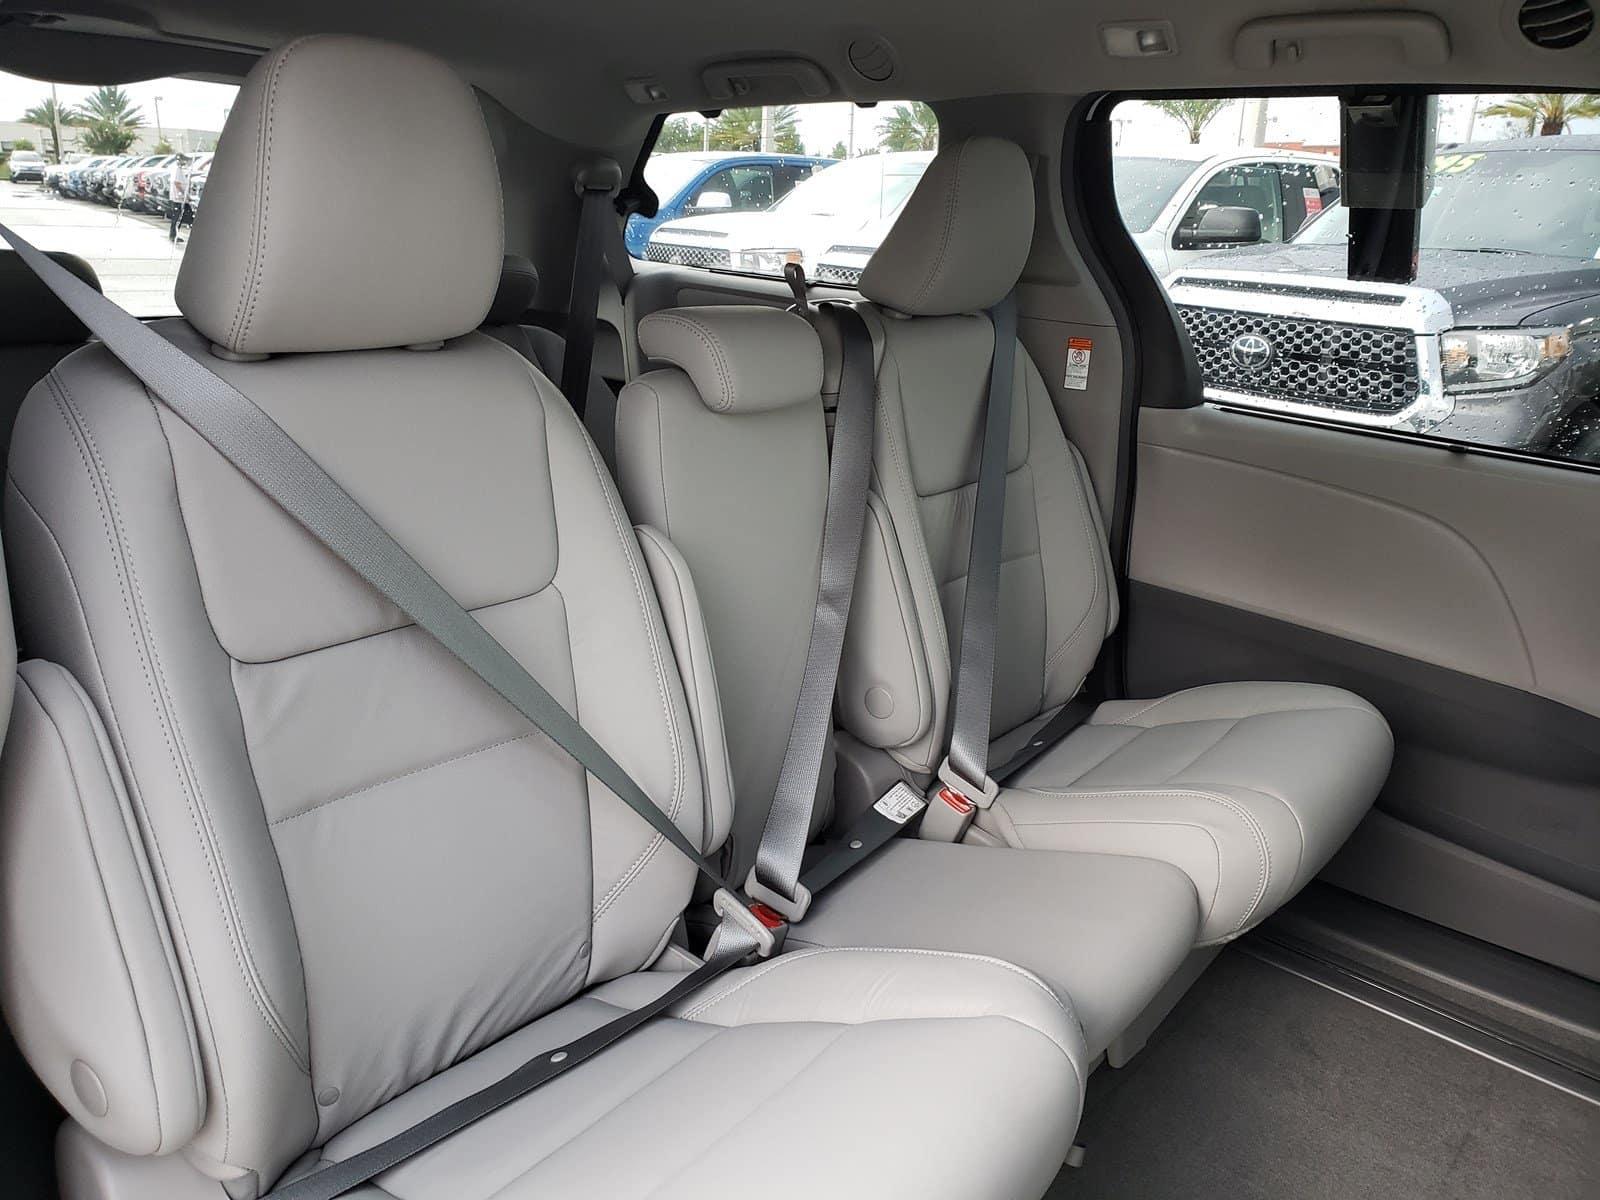 Toyota of Orlando minivan.